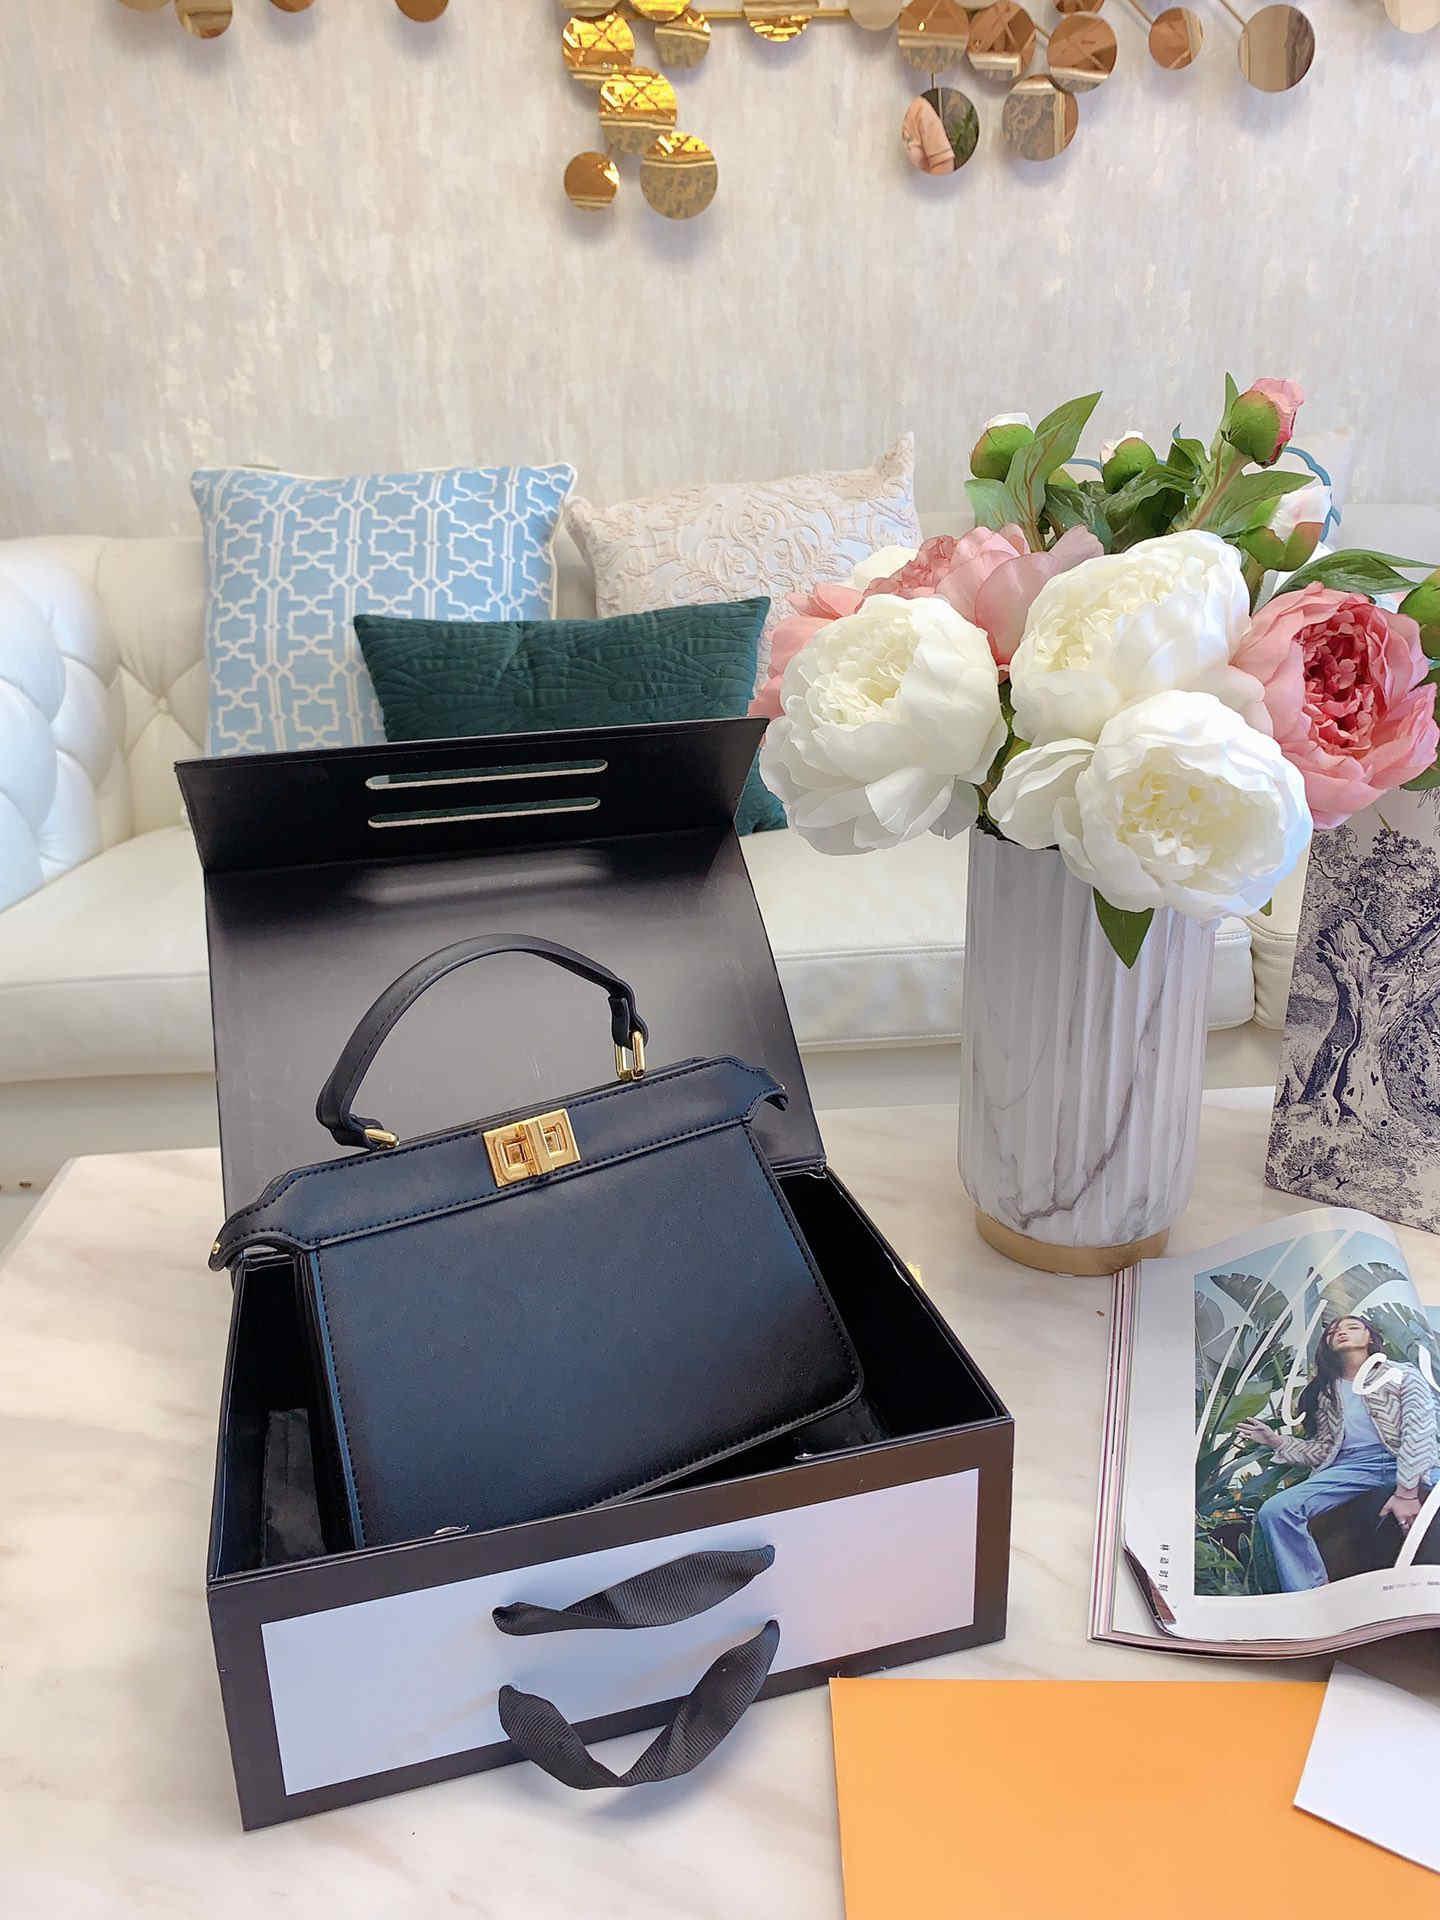 Deisigner наплечная сумка для женщин грудь пакет леди тотализатор цепи сумки пресбиопический кошелек сумка посыльного дизайнерские сумки холст Оптовая продажа lts